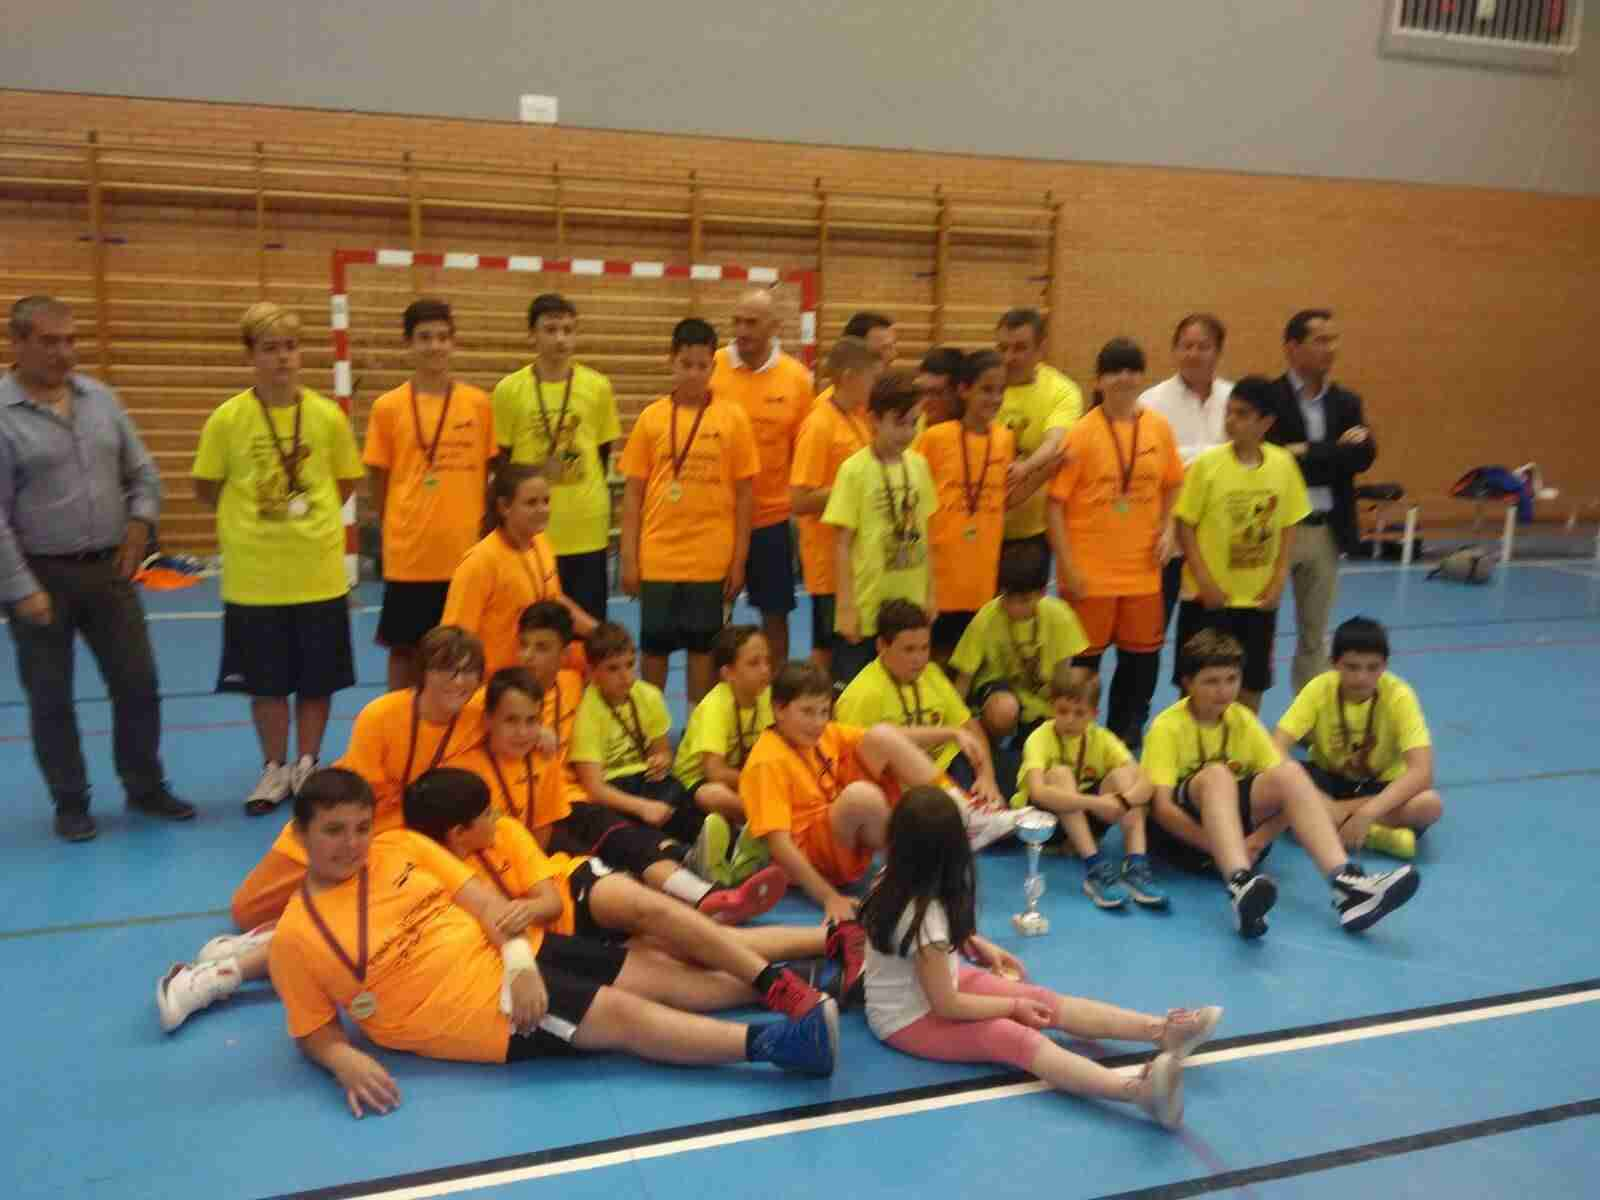 CP Santa Clara de baloncesto campeones de Castilla-La Mancha 1